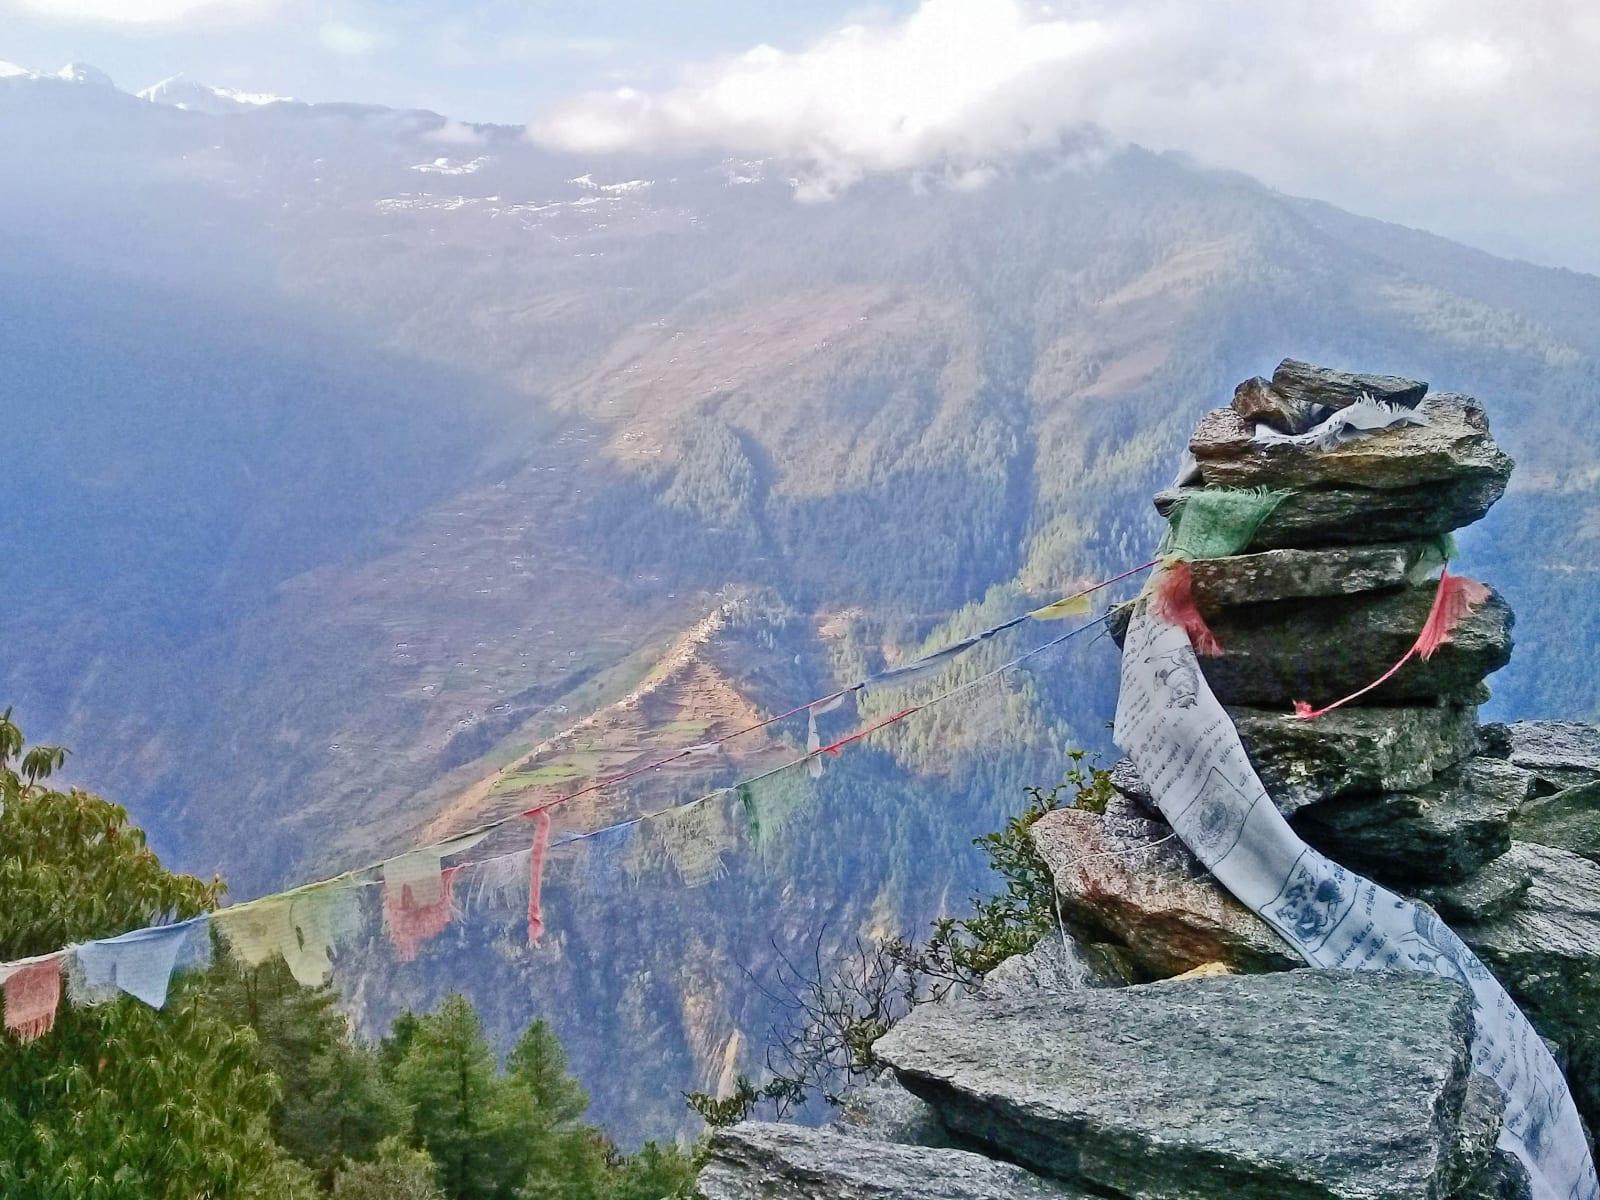 Z-vyhlídky-na-cestě-zpět-do-Syabrubesi-Nepál